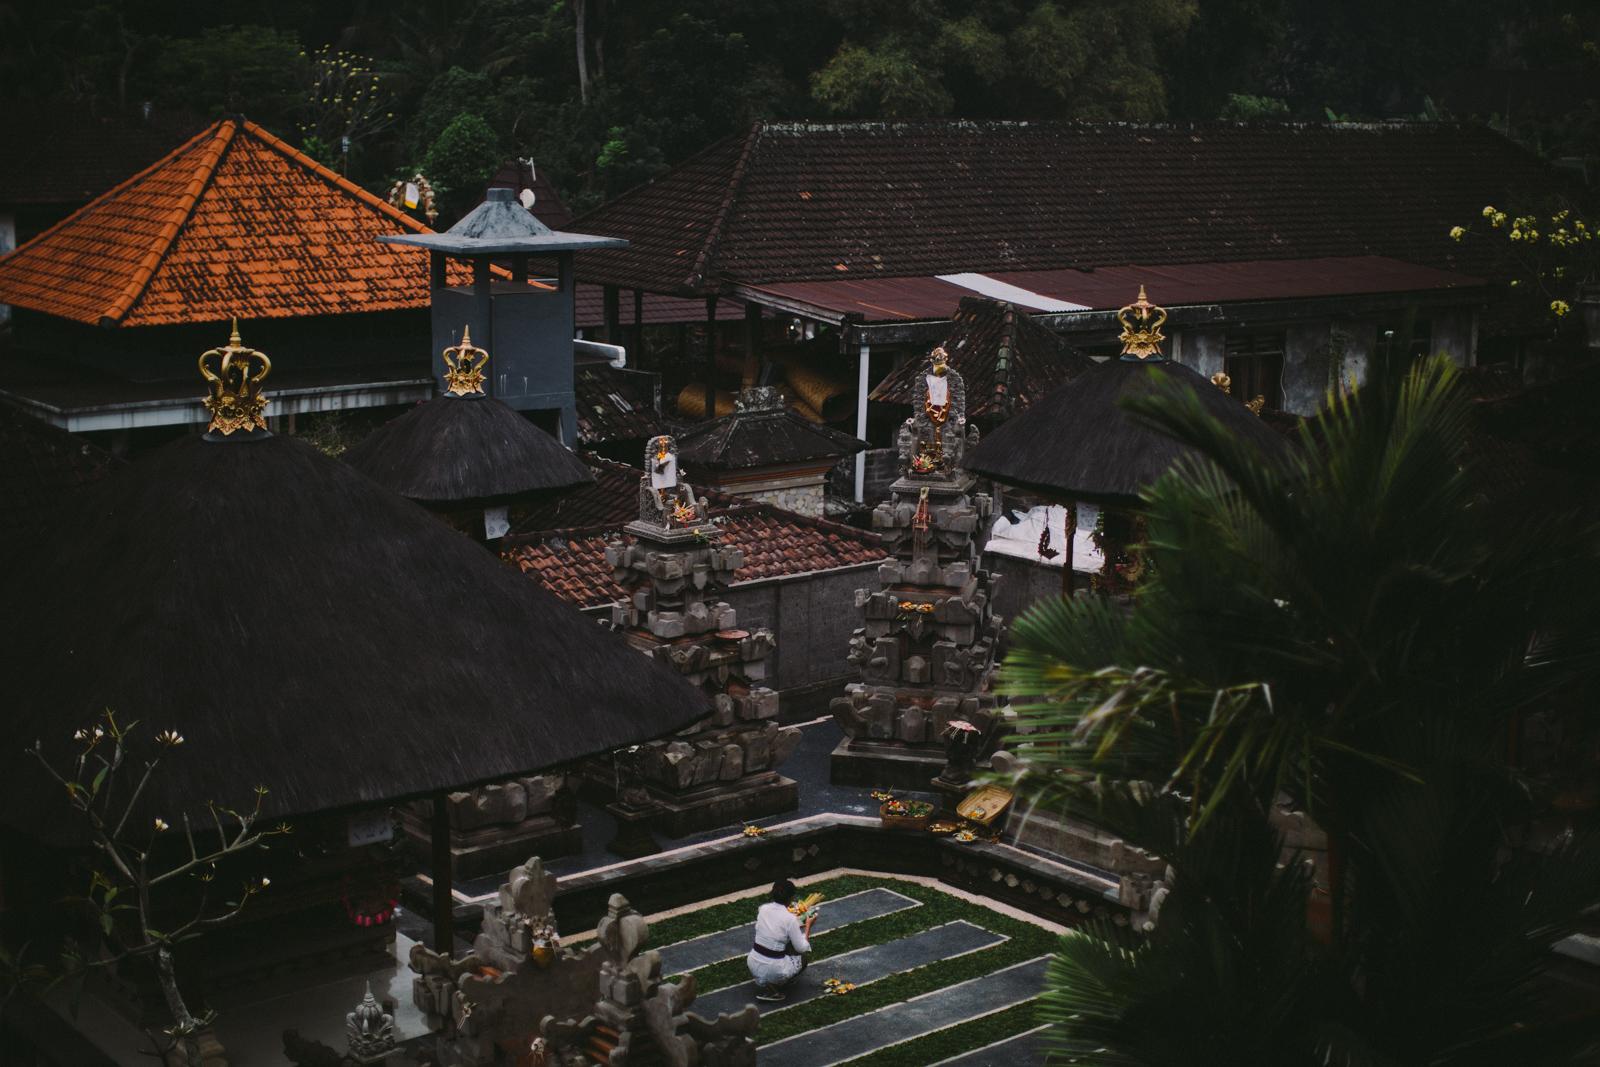 Bali Aug 15-Dean Raphael-30.jpg